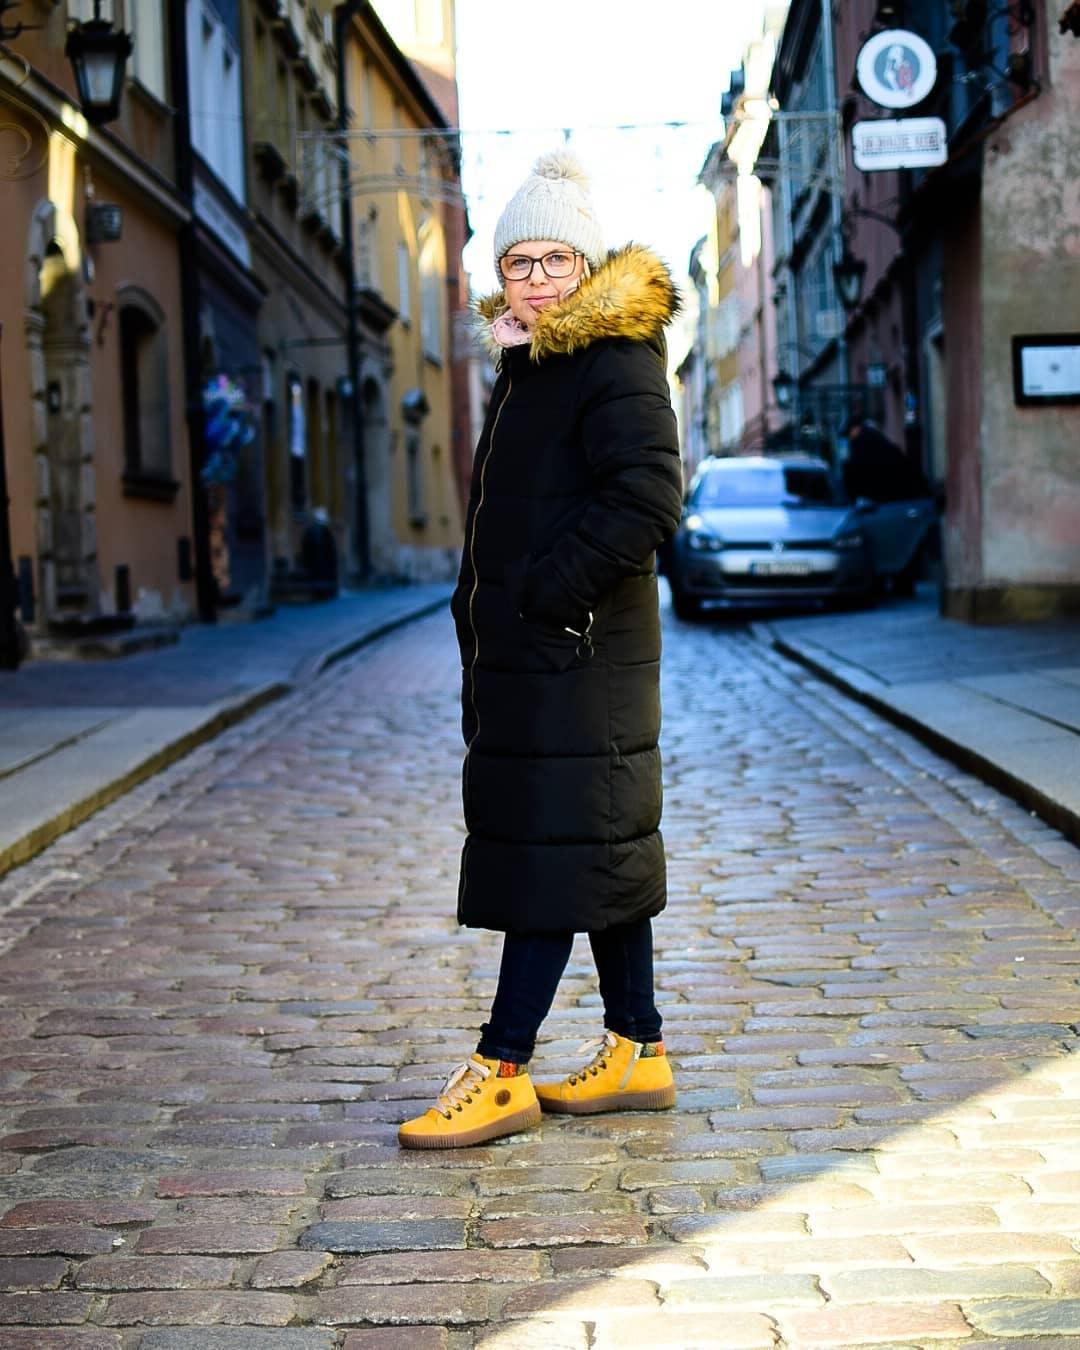 Rieker, Sko Danmarks største udvalg af sko | FOOTWAY.dk